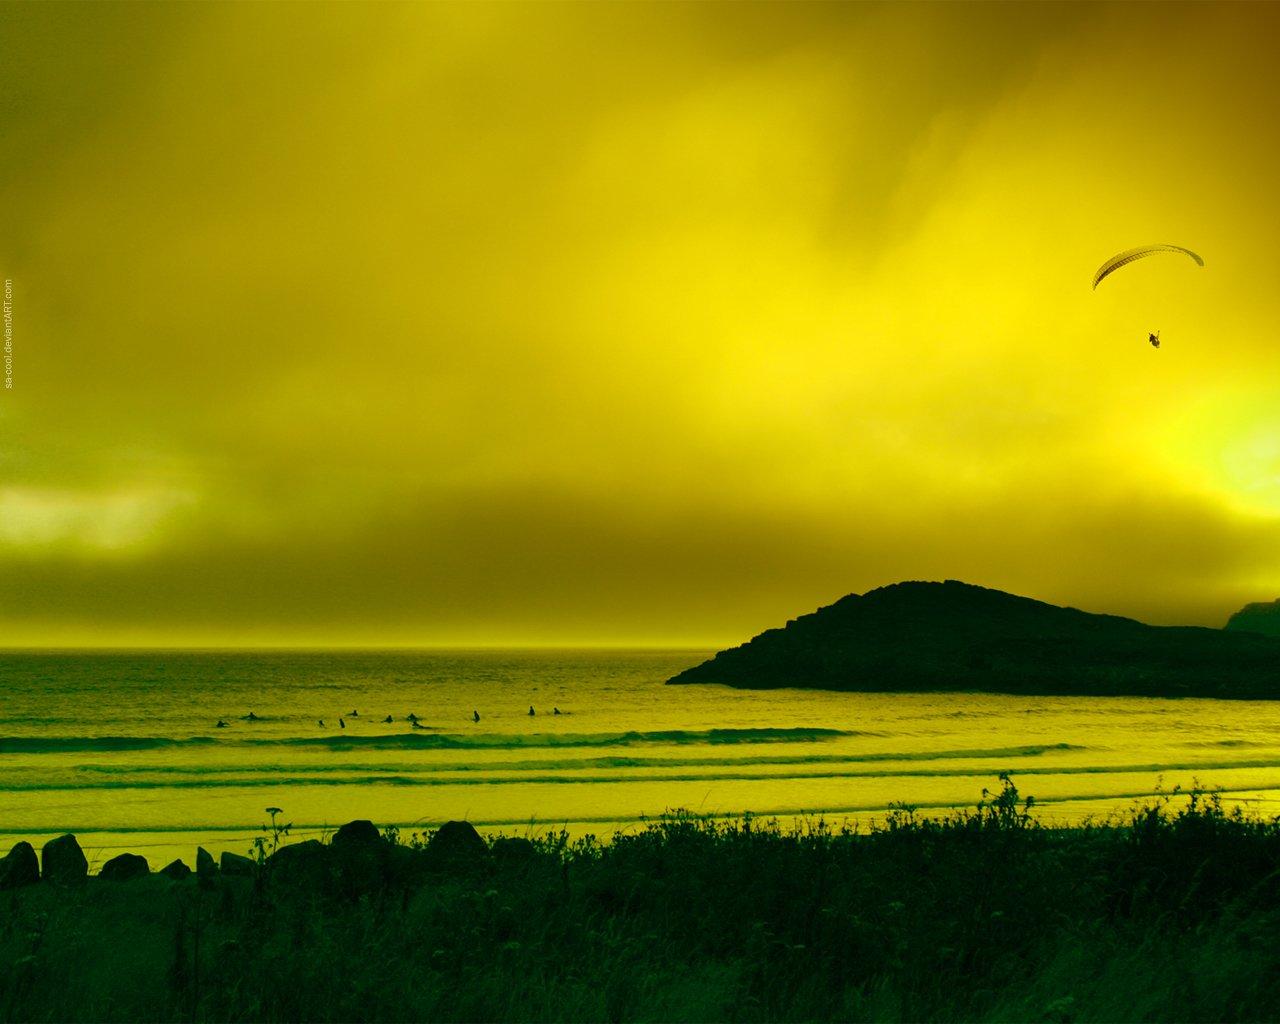 Желтый закат бесплатно